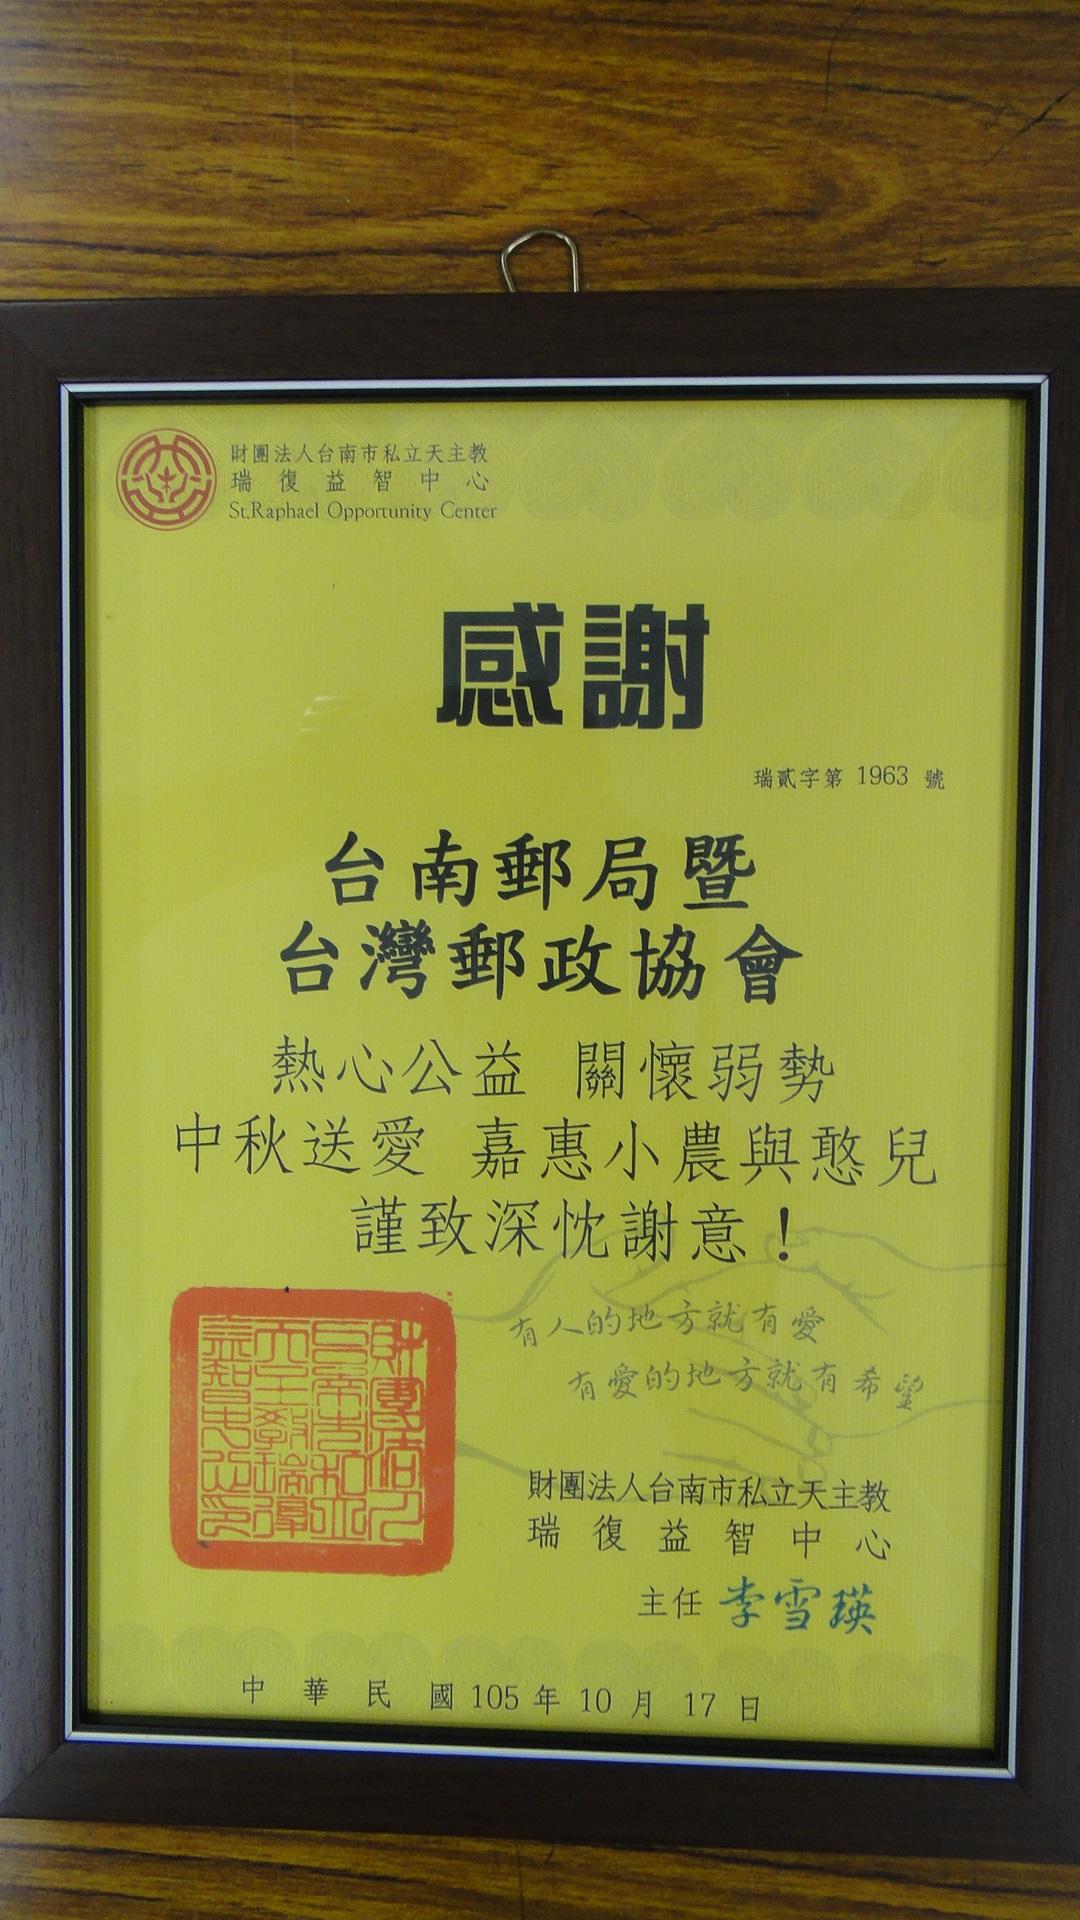 臺南郵局關懷農產行銷公益活動捐贈儀式